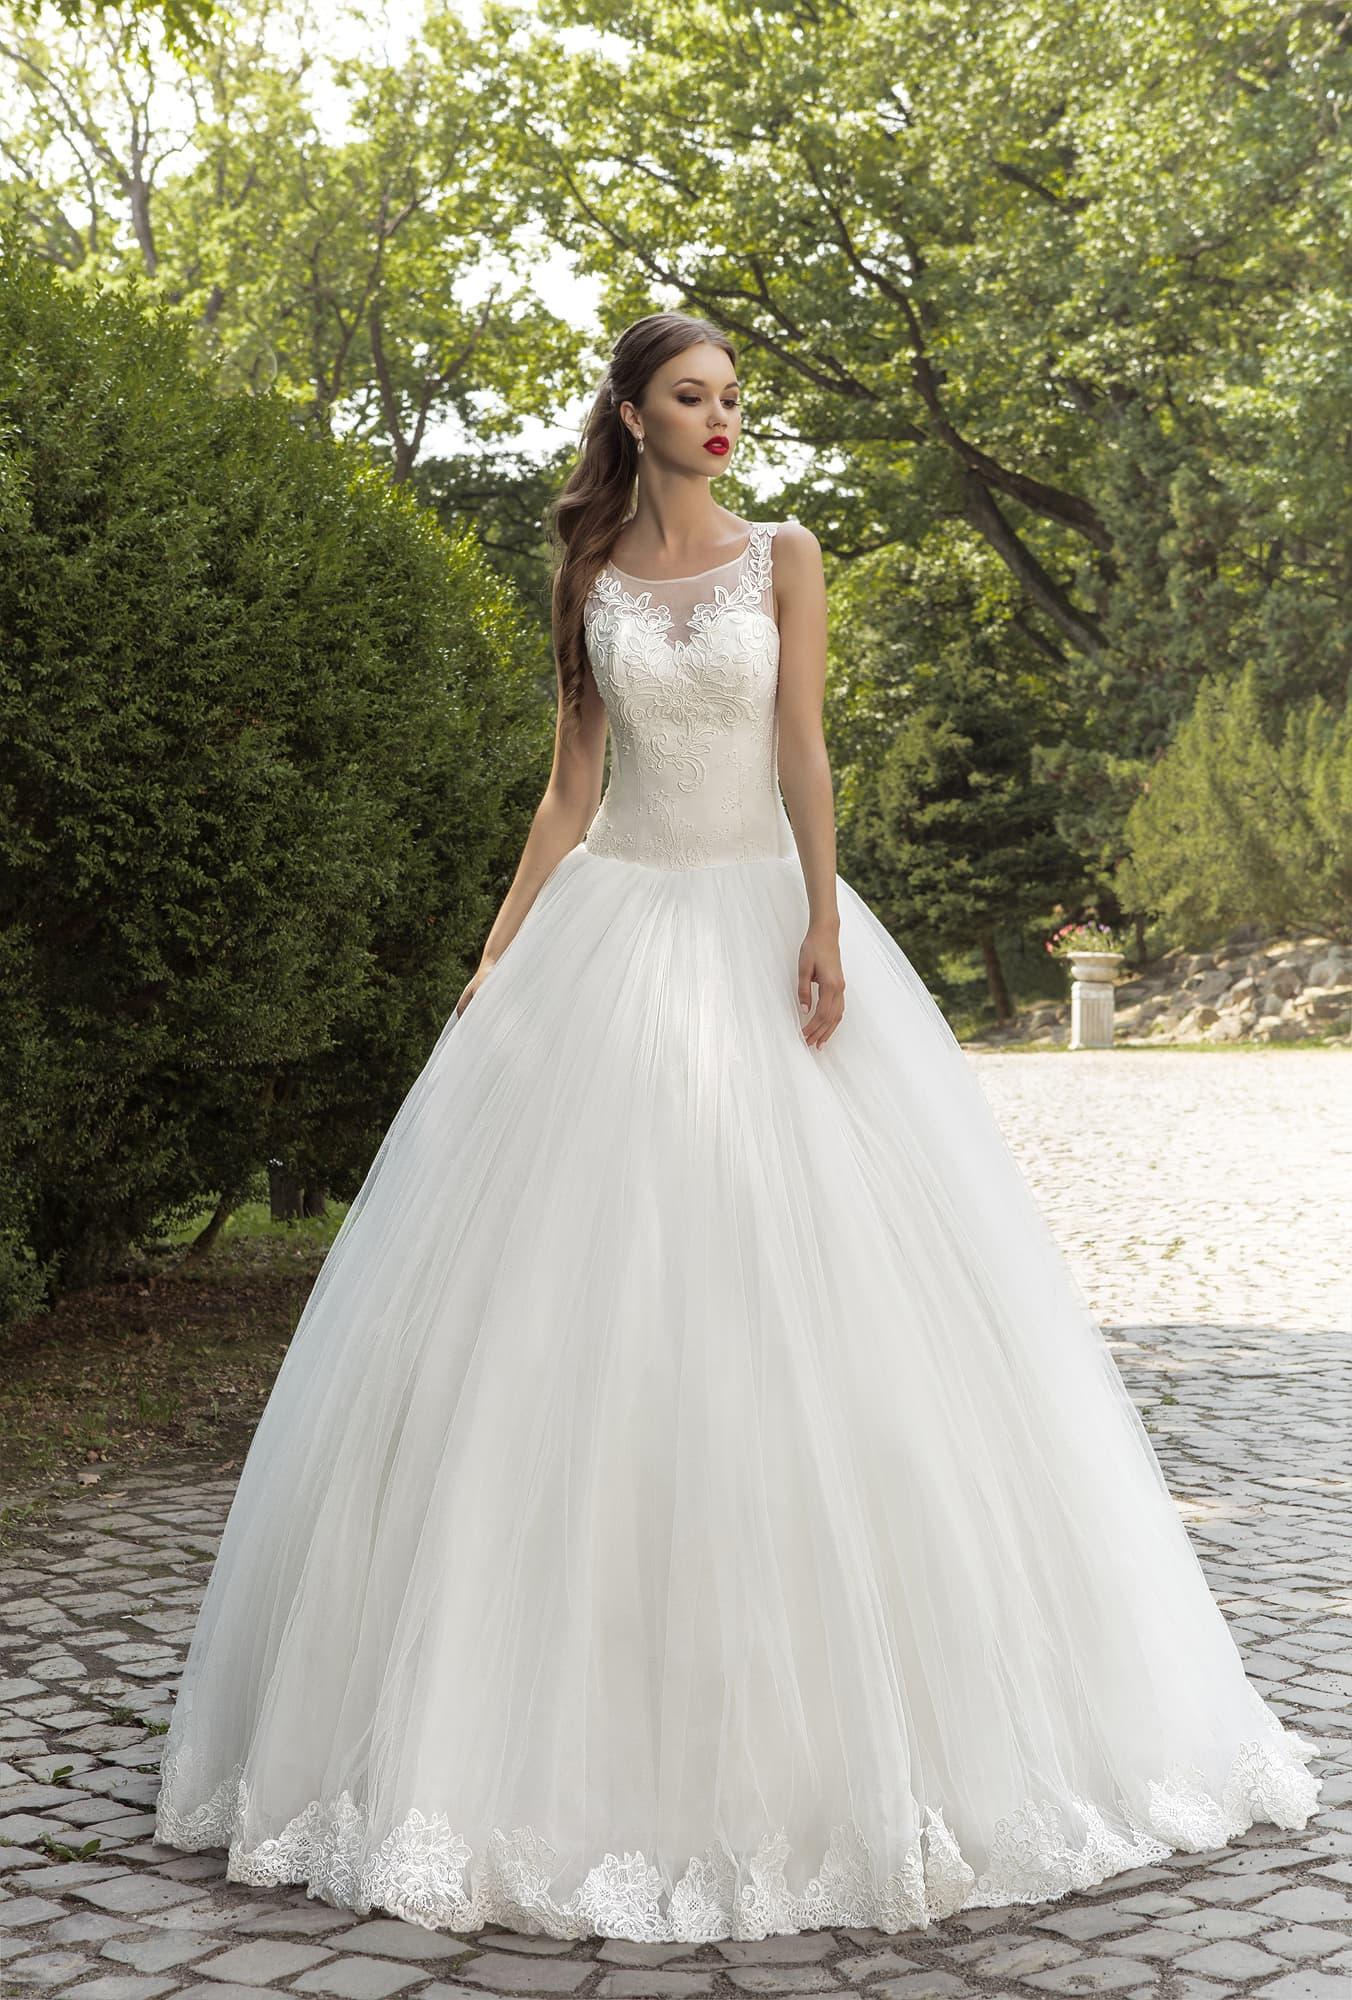 83fec268e31 Свадебное платье Armonia Сингапур ▷ Свадебный Торговый Центр Вега в ...